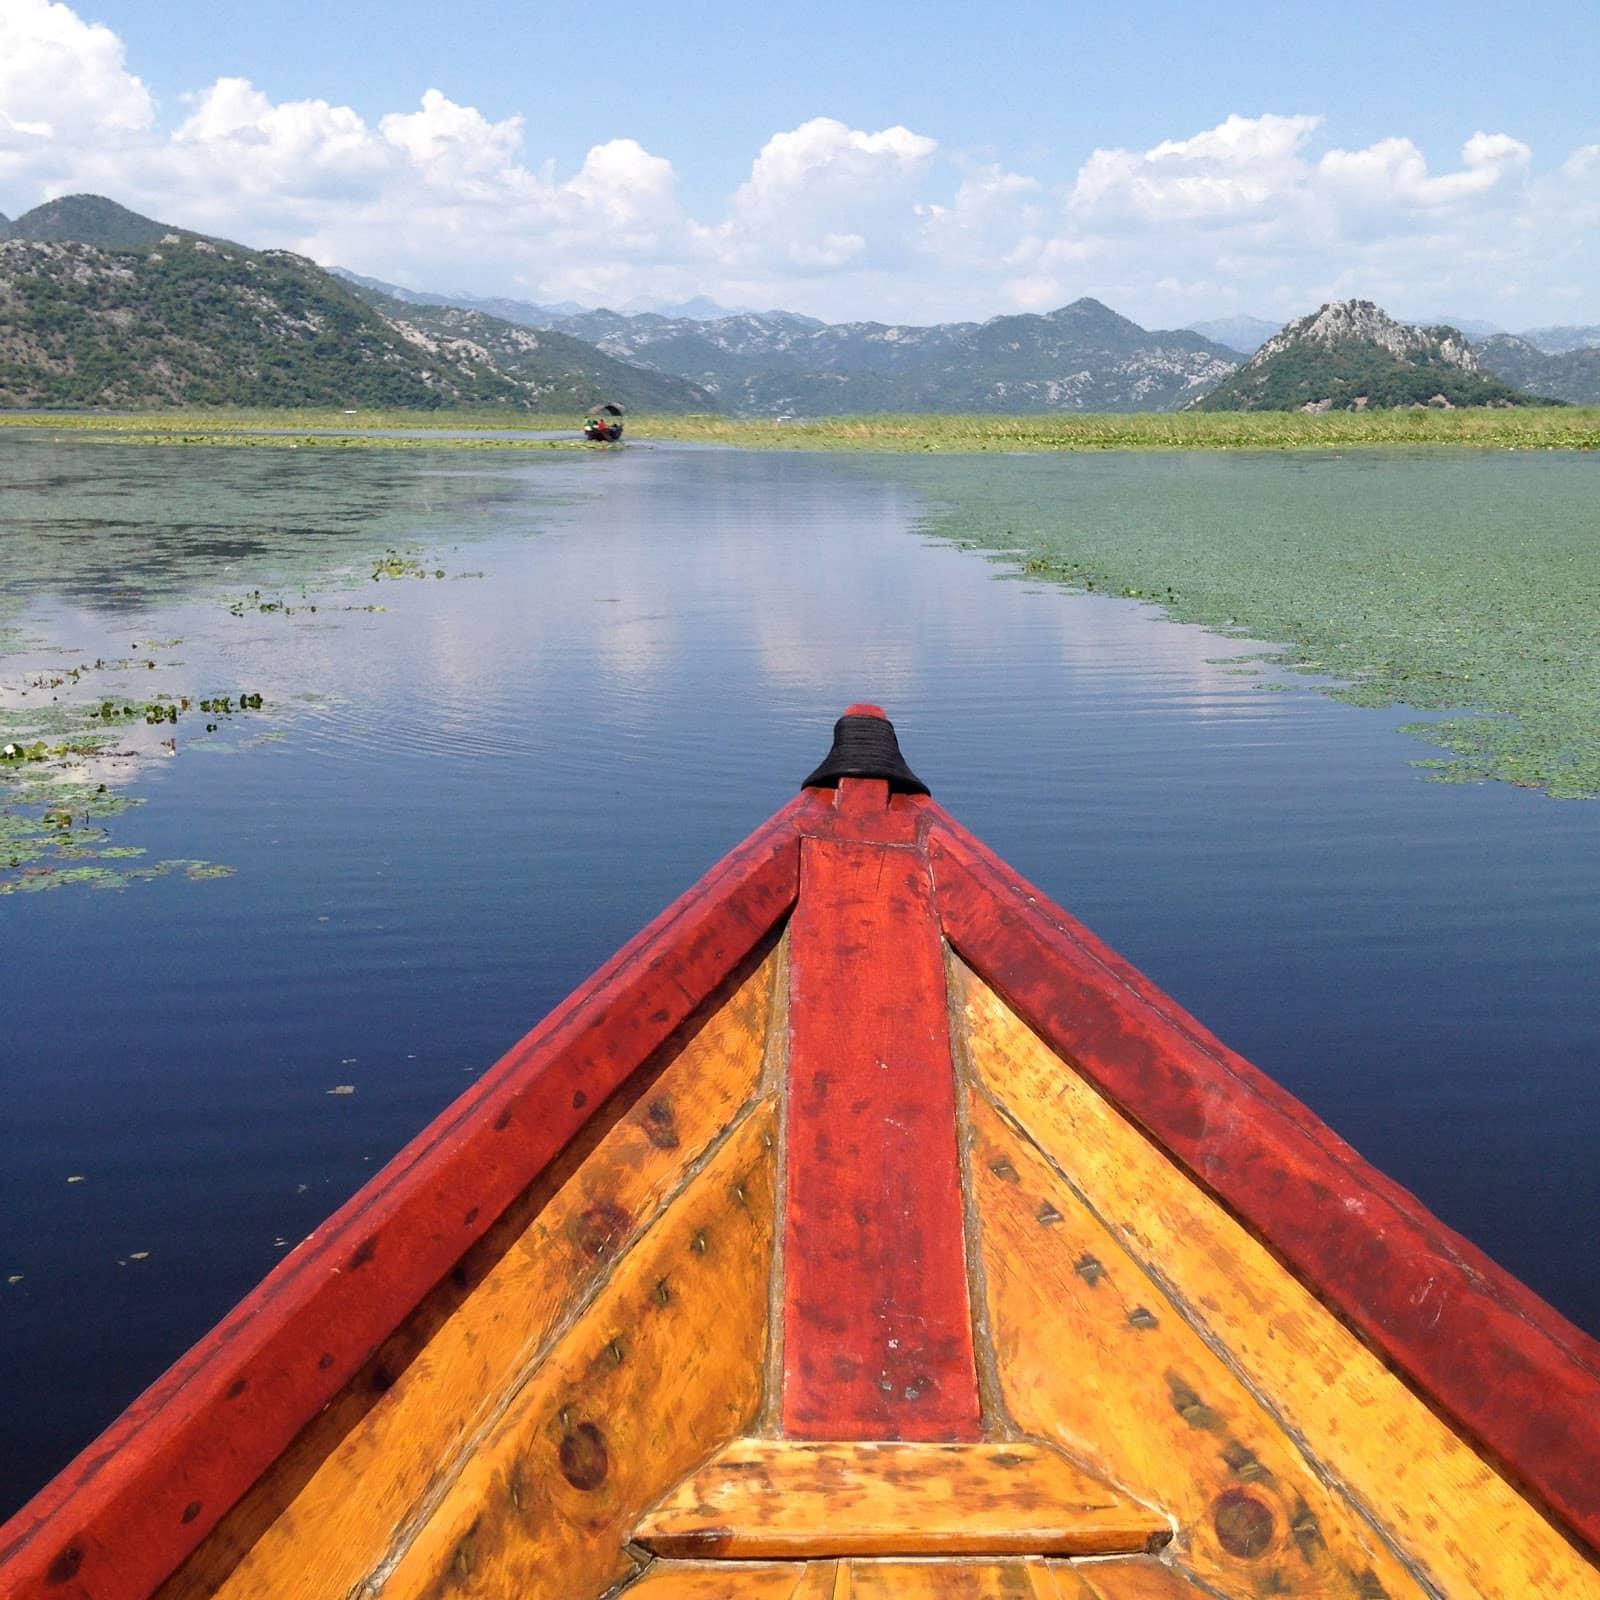 13-road-trip-montenegro-voyage-europe